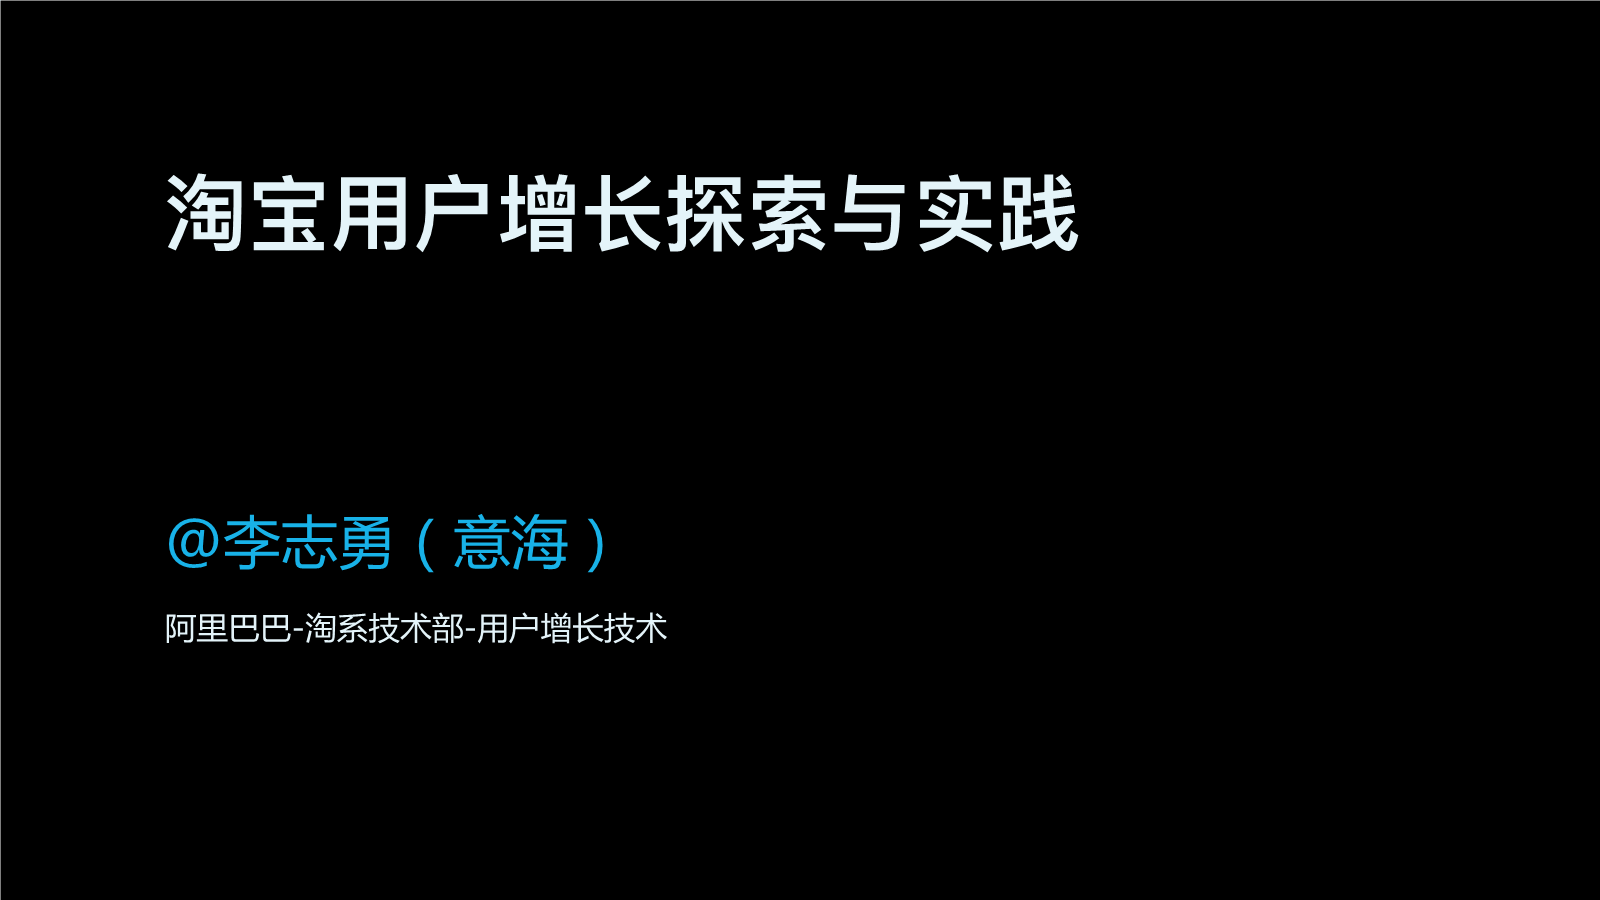 李志勇-淘宝用户增长探索与实践